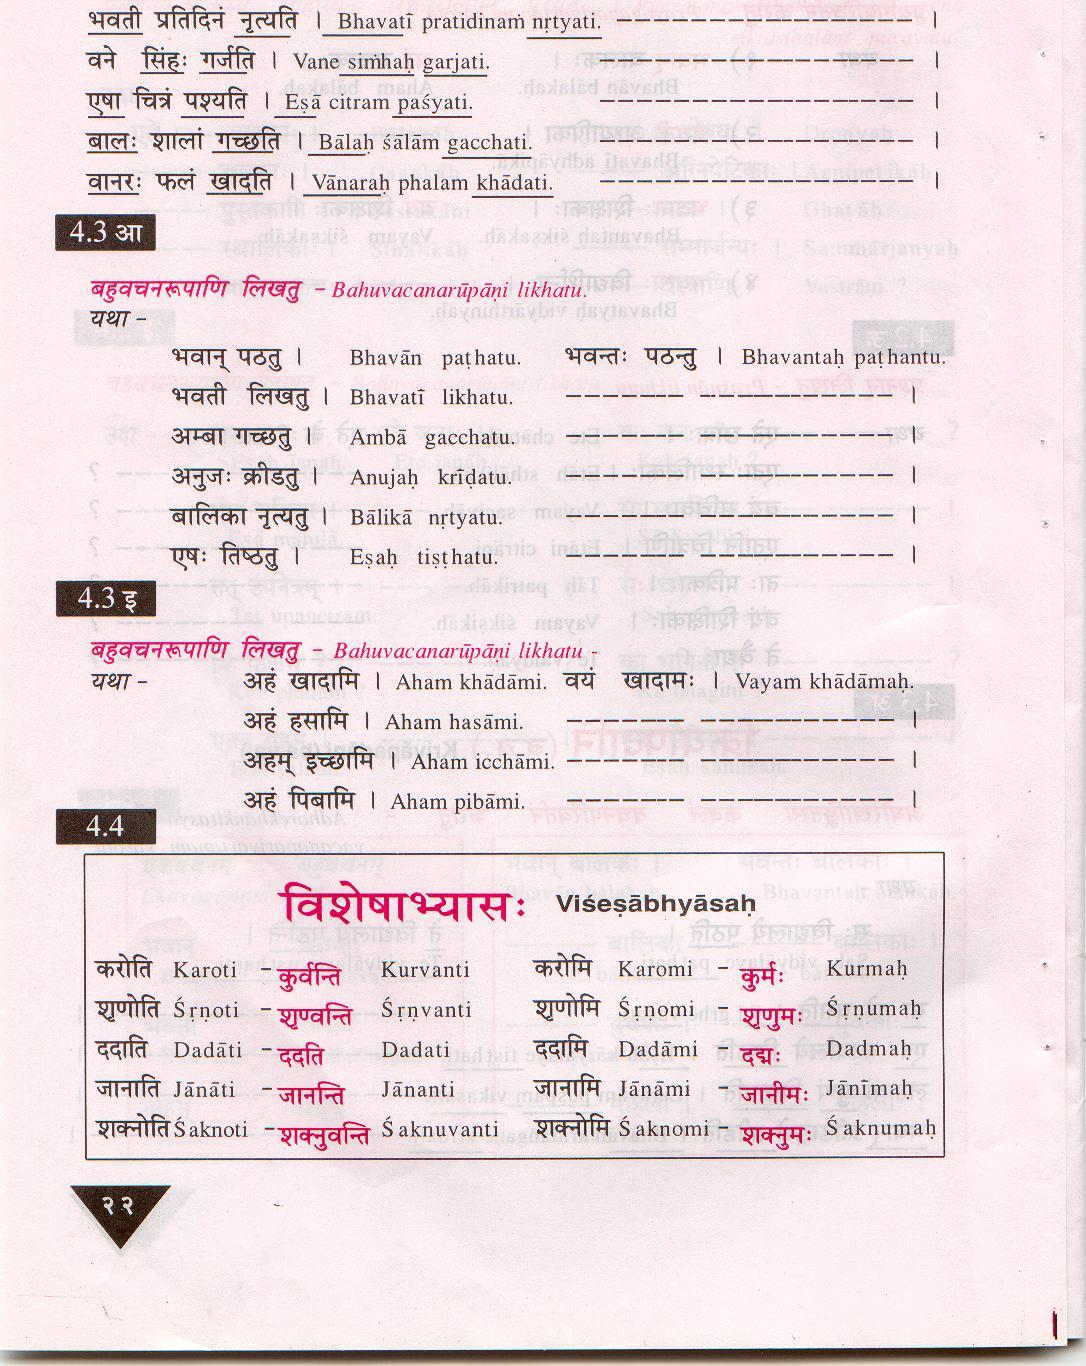 Cbse English Grammar Books Pdf - Rajasthan Board a